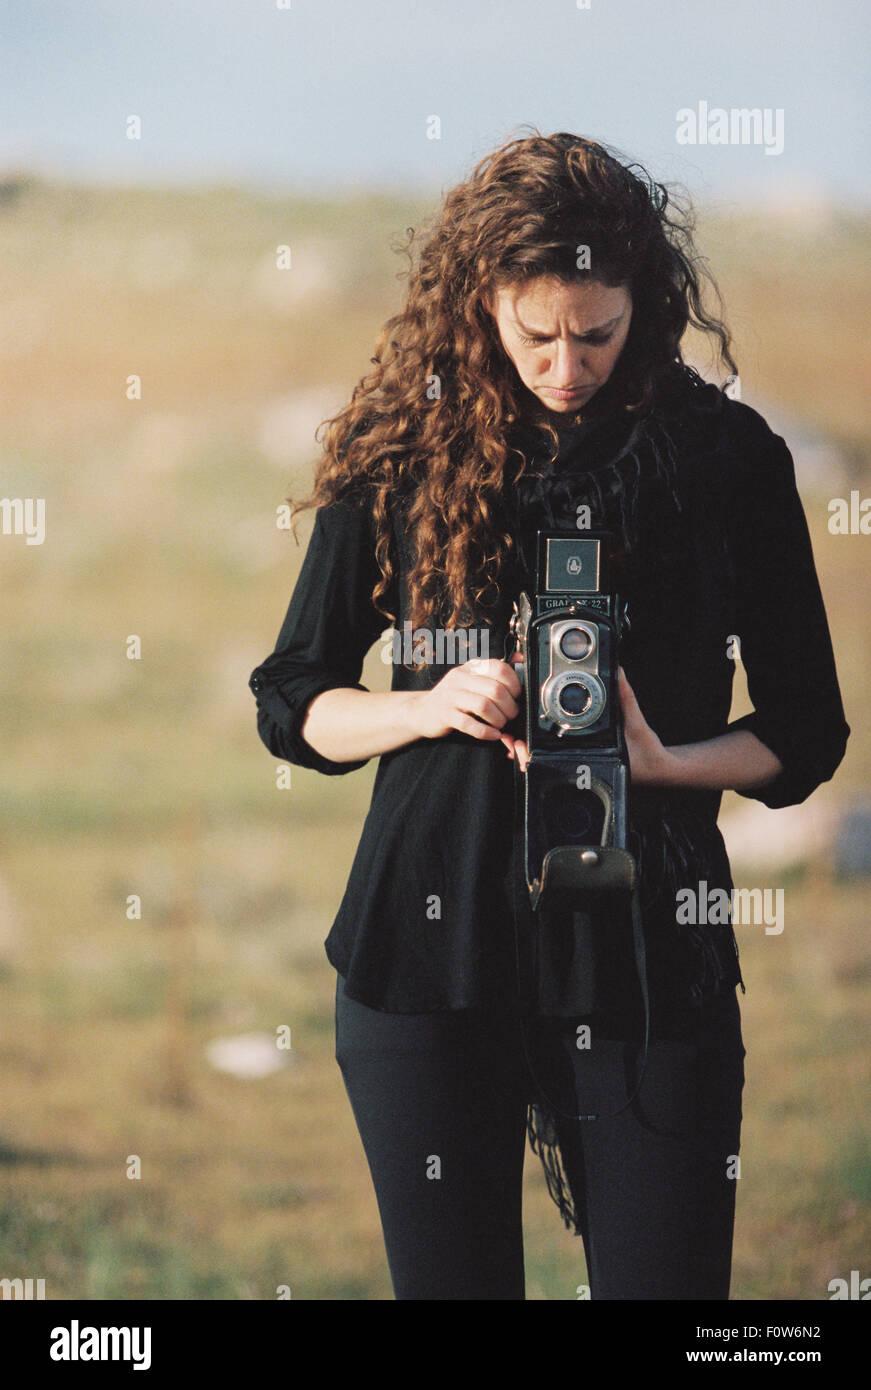 Una mujer que toma una fotografía con una antigua cámara de formato medio. Imagen De Stock